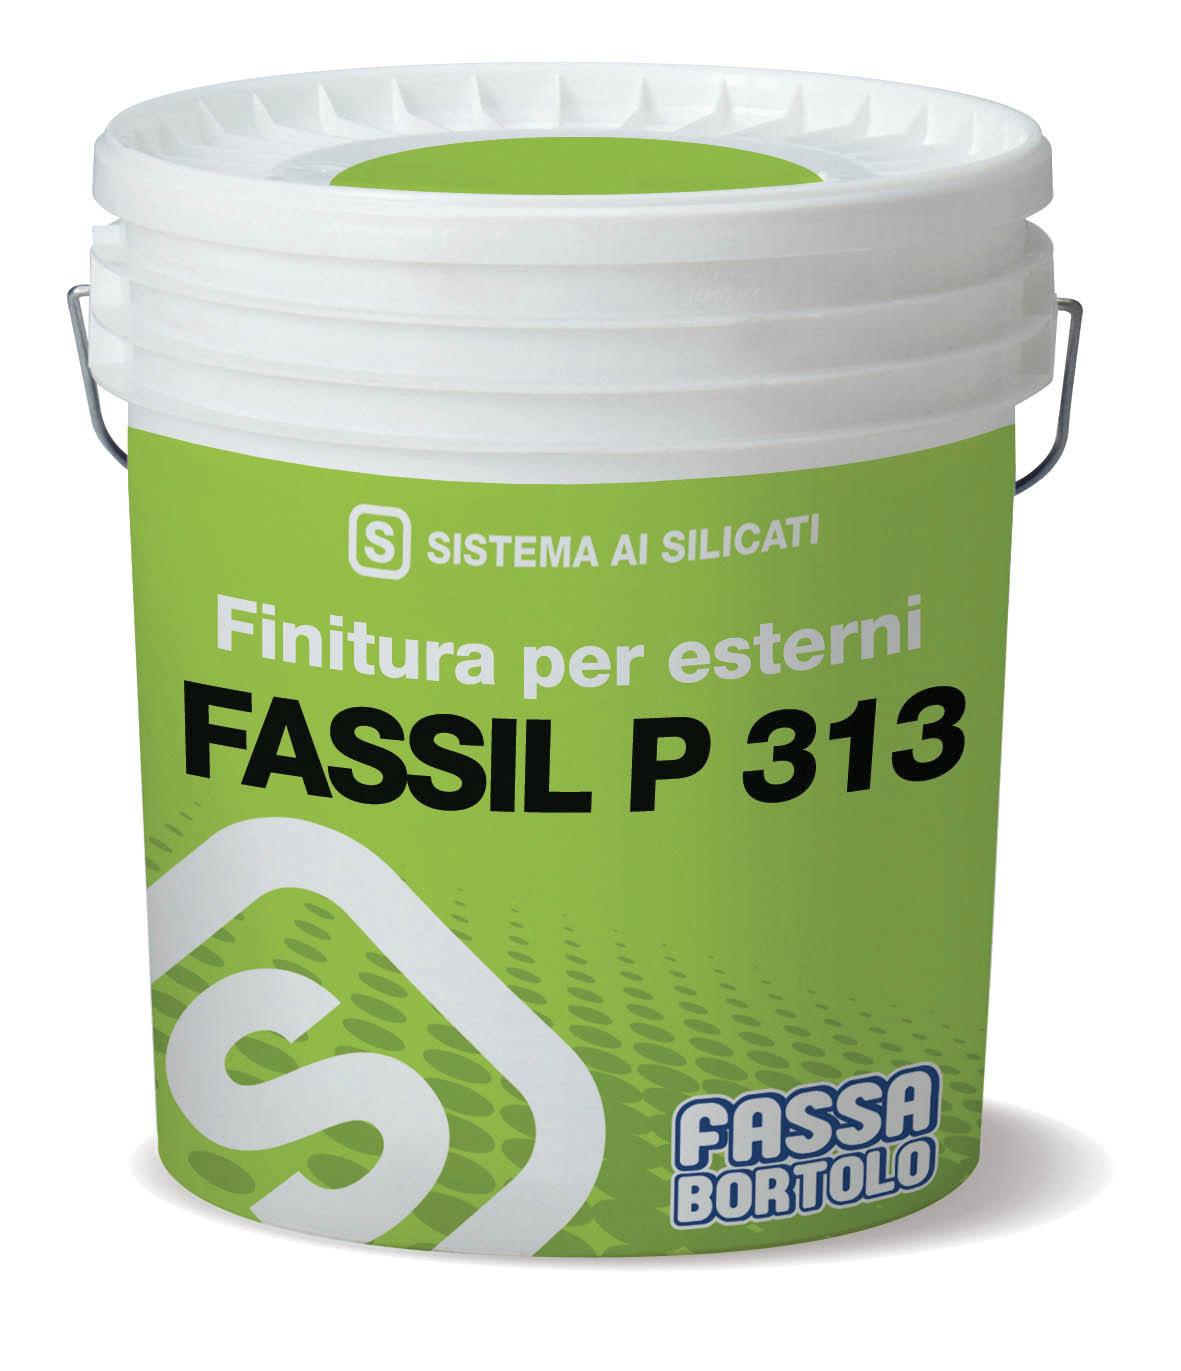 FASSIL P 313: Wasserbasierter, mineralischer, glatter Silikatanstrich